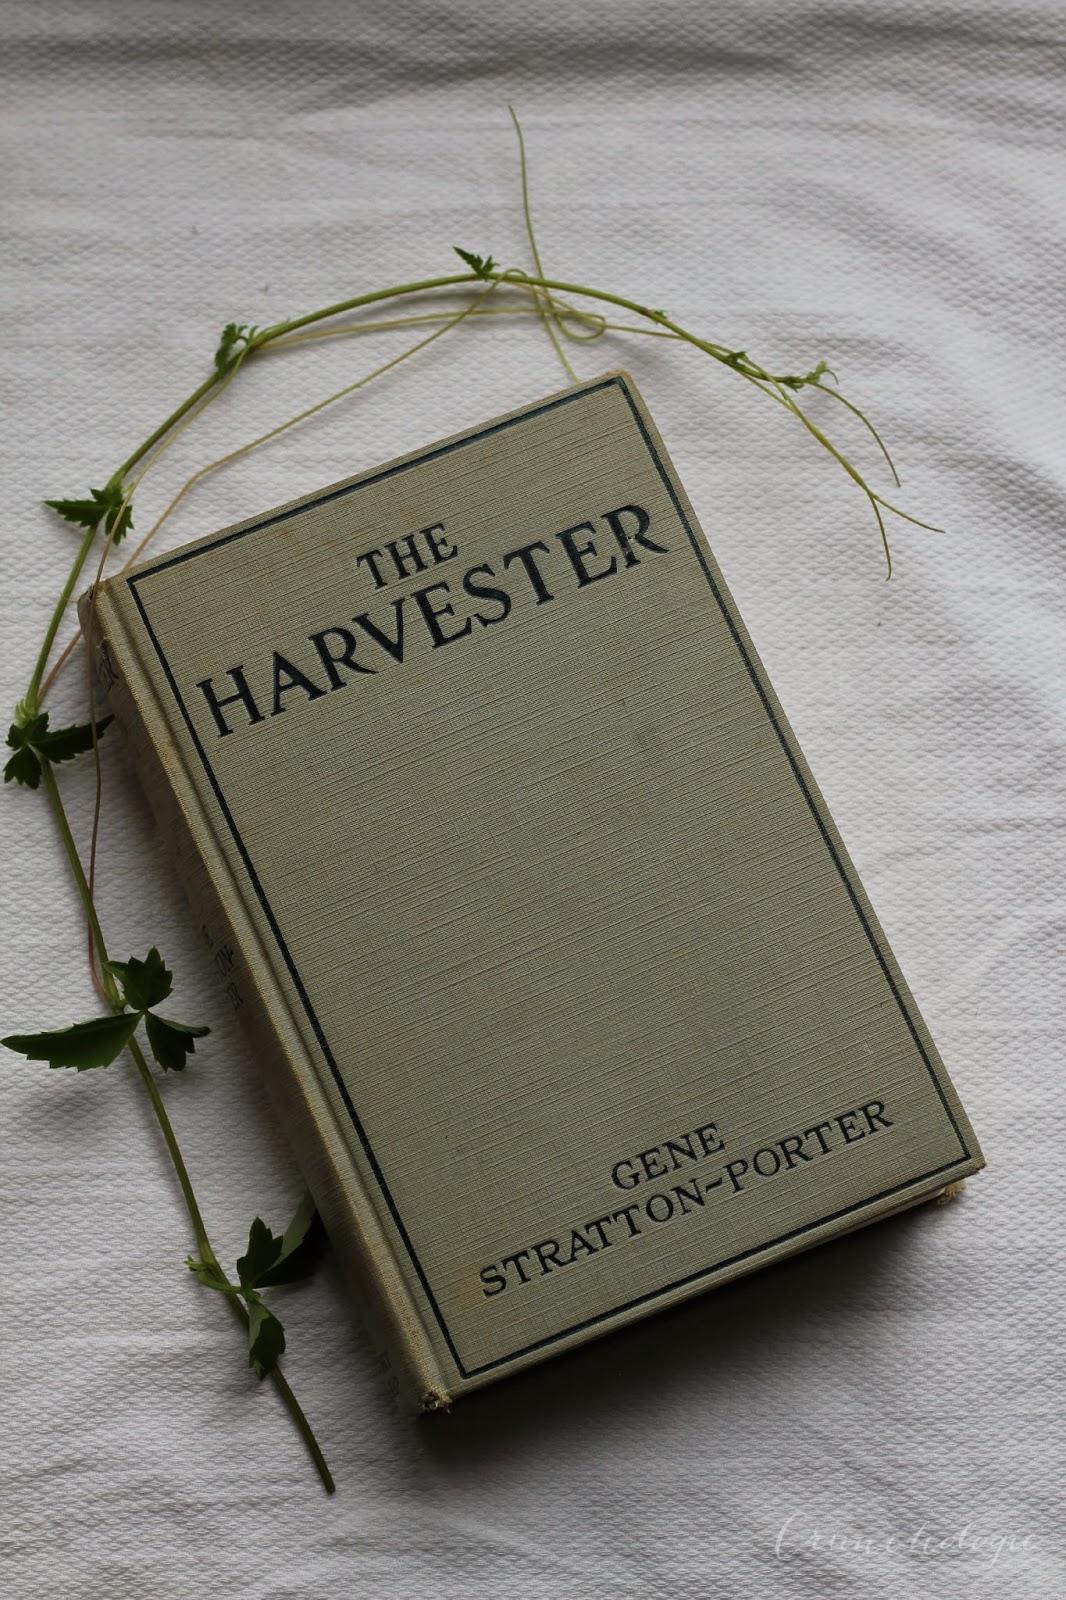 Harvester-1.jpg